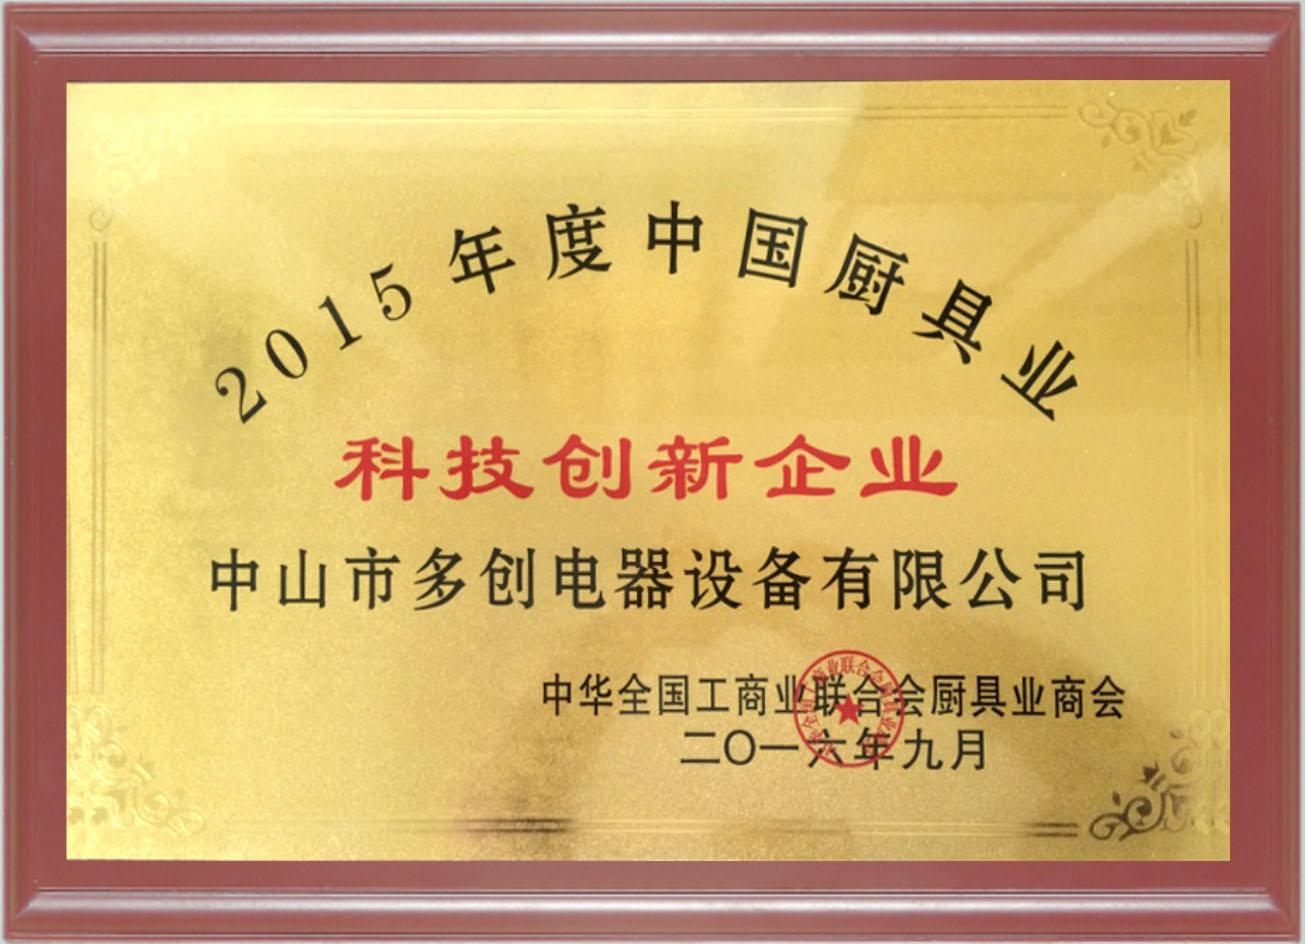 四川蒸饭柜获得科技创新企业称号